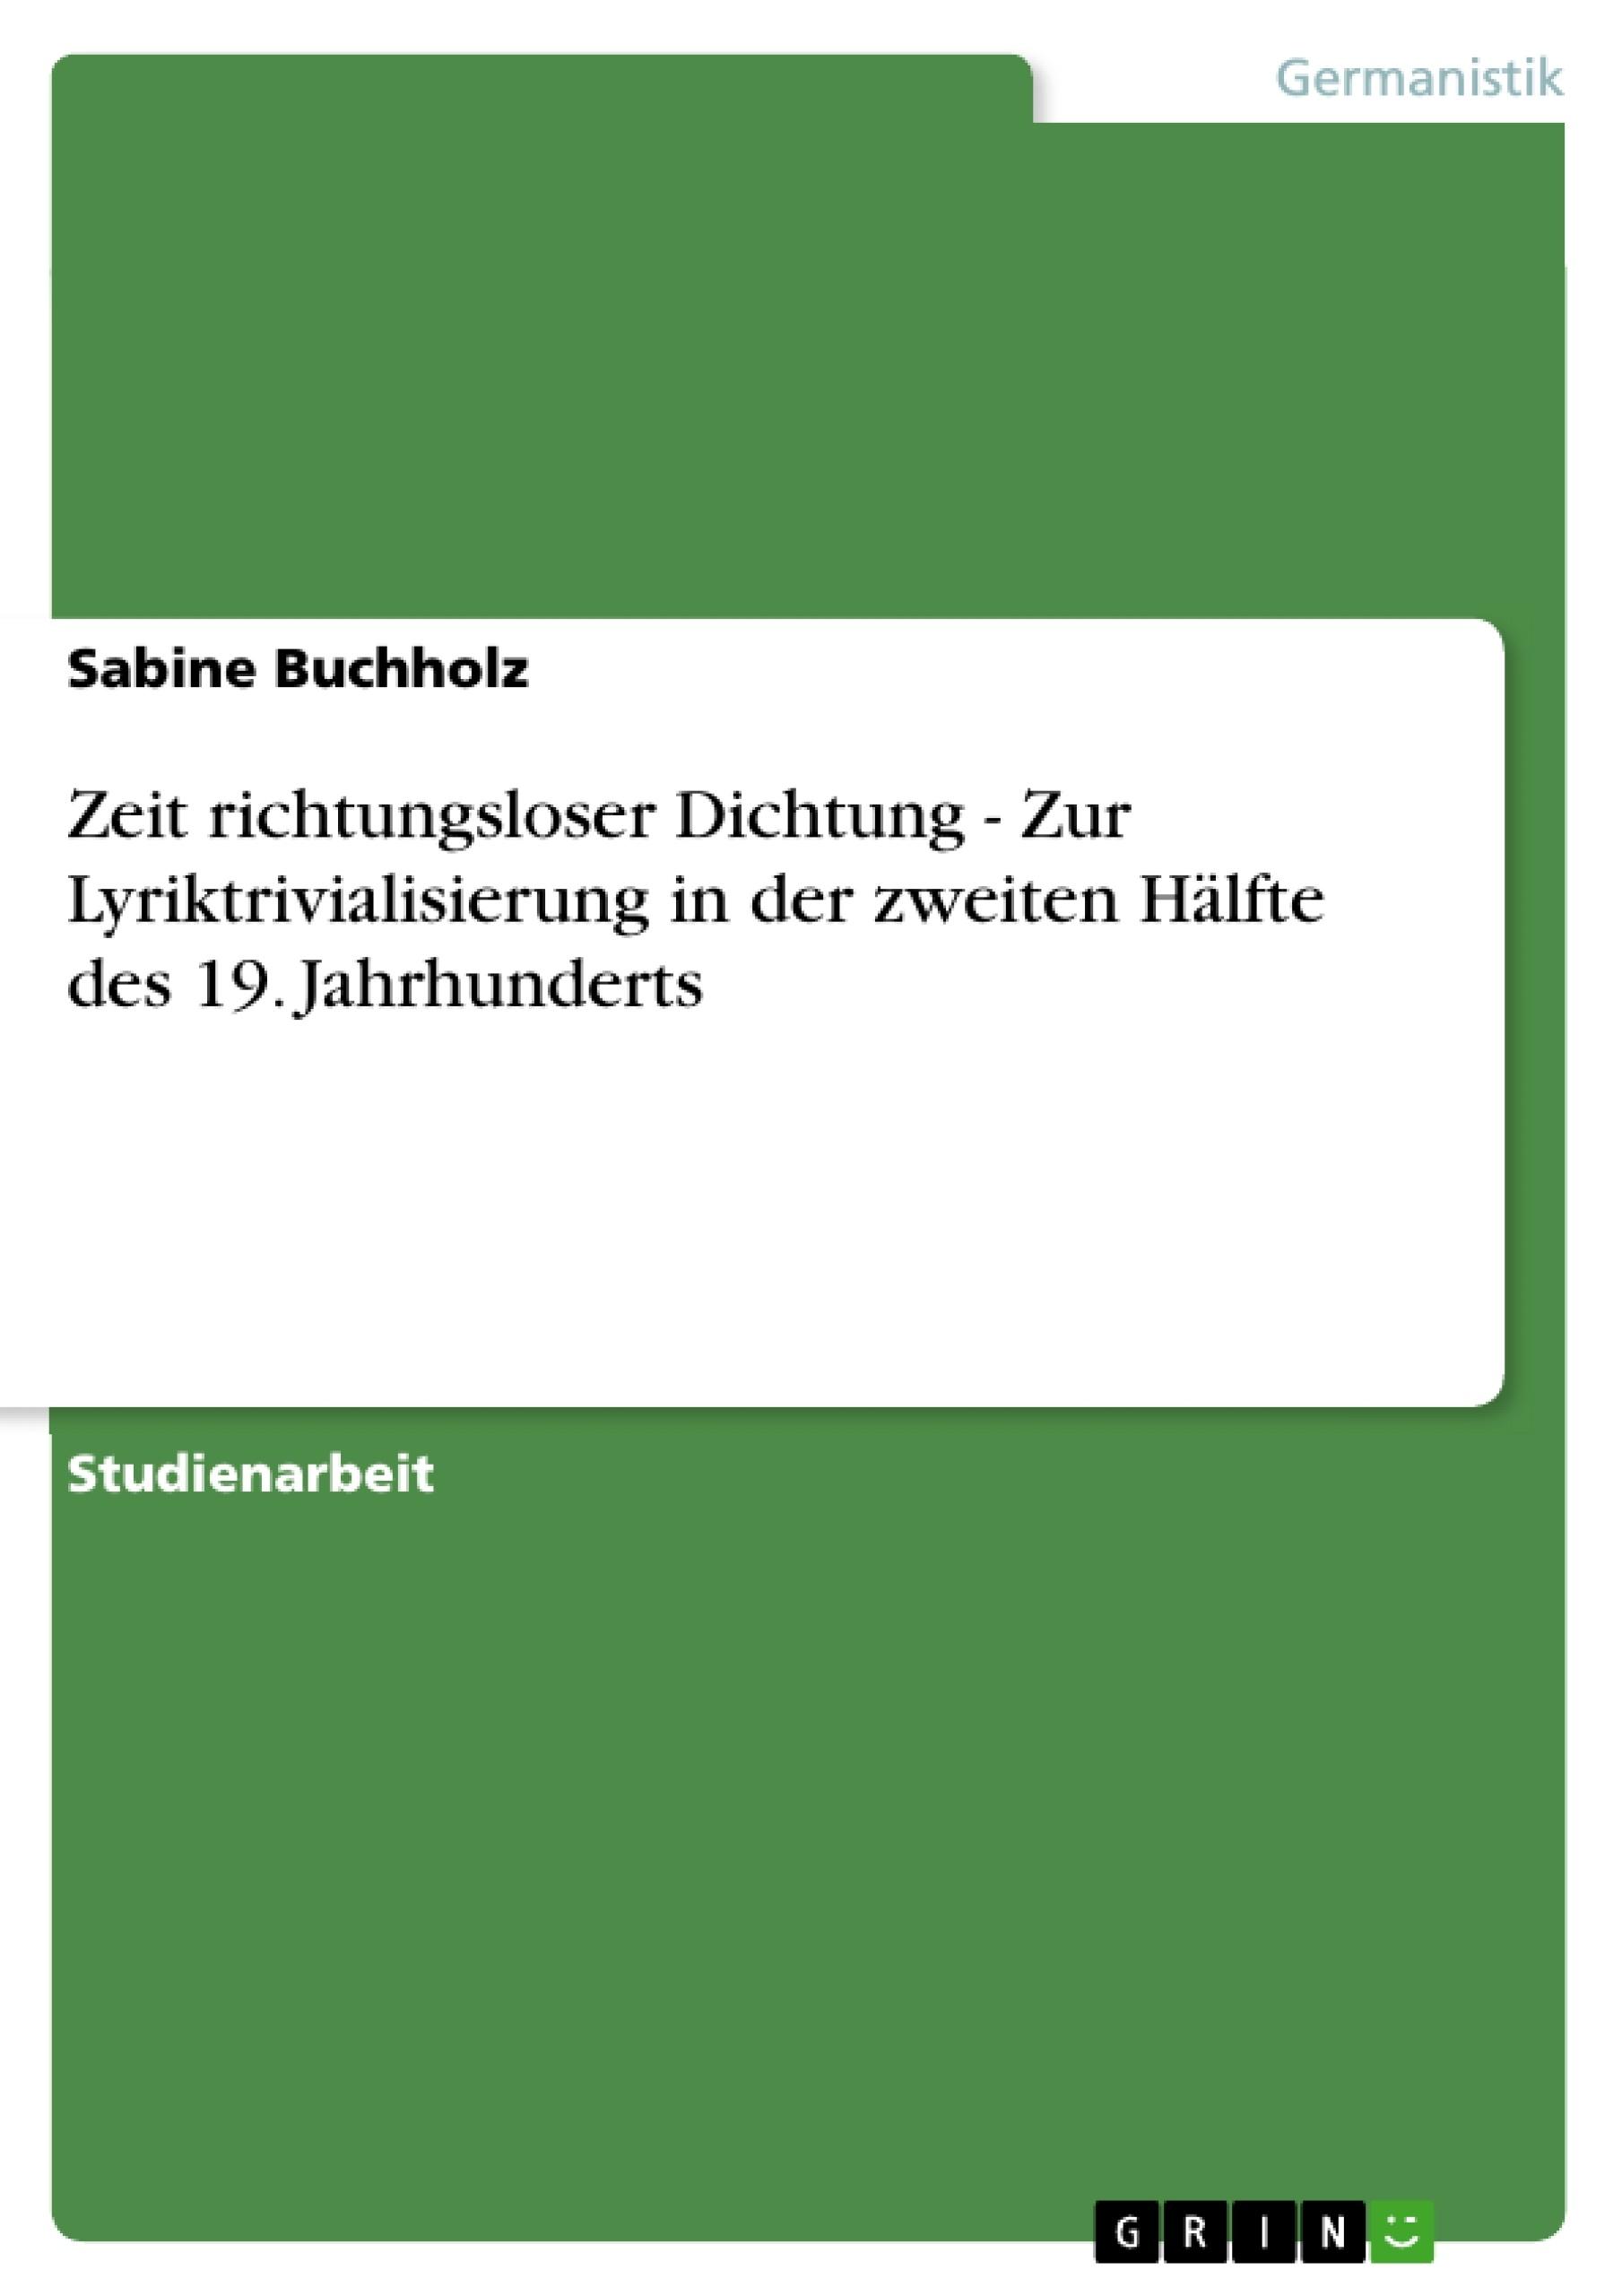 Titel: Zeit richtungsloser Dichtung - Zur Lyriktrivialisierung in der zweiten Hälfte des 19. Jahrhunderts